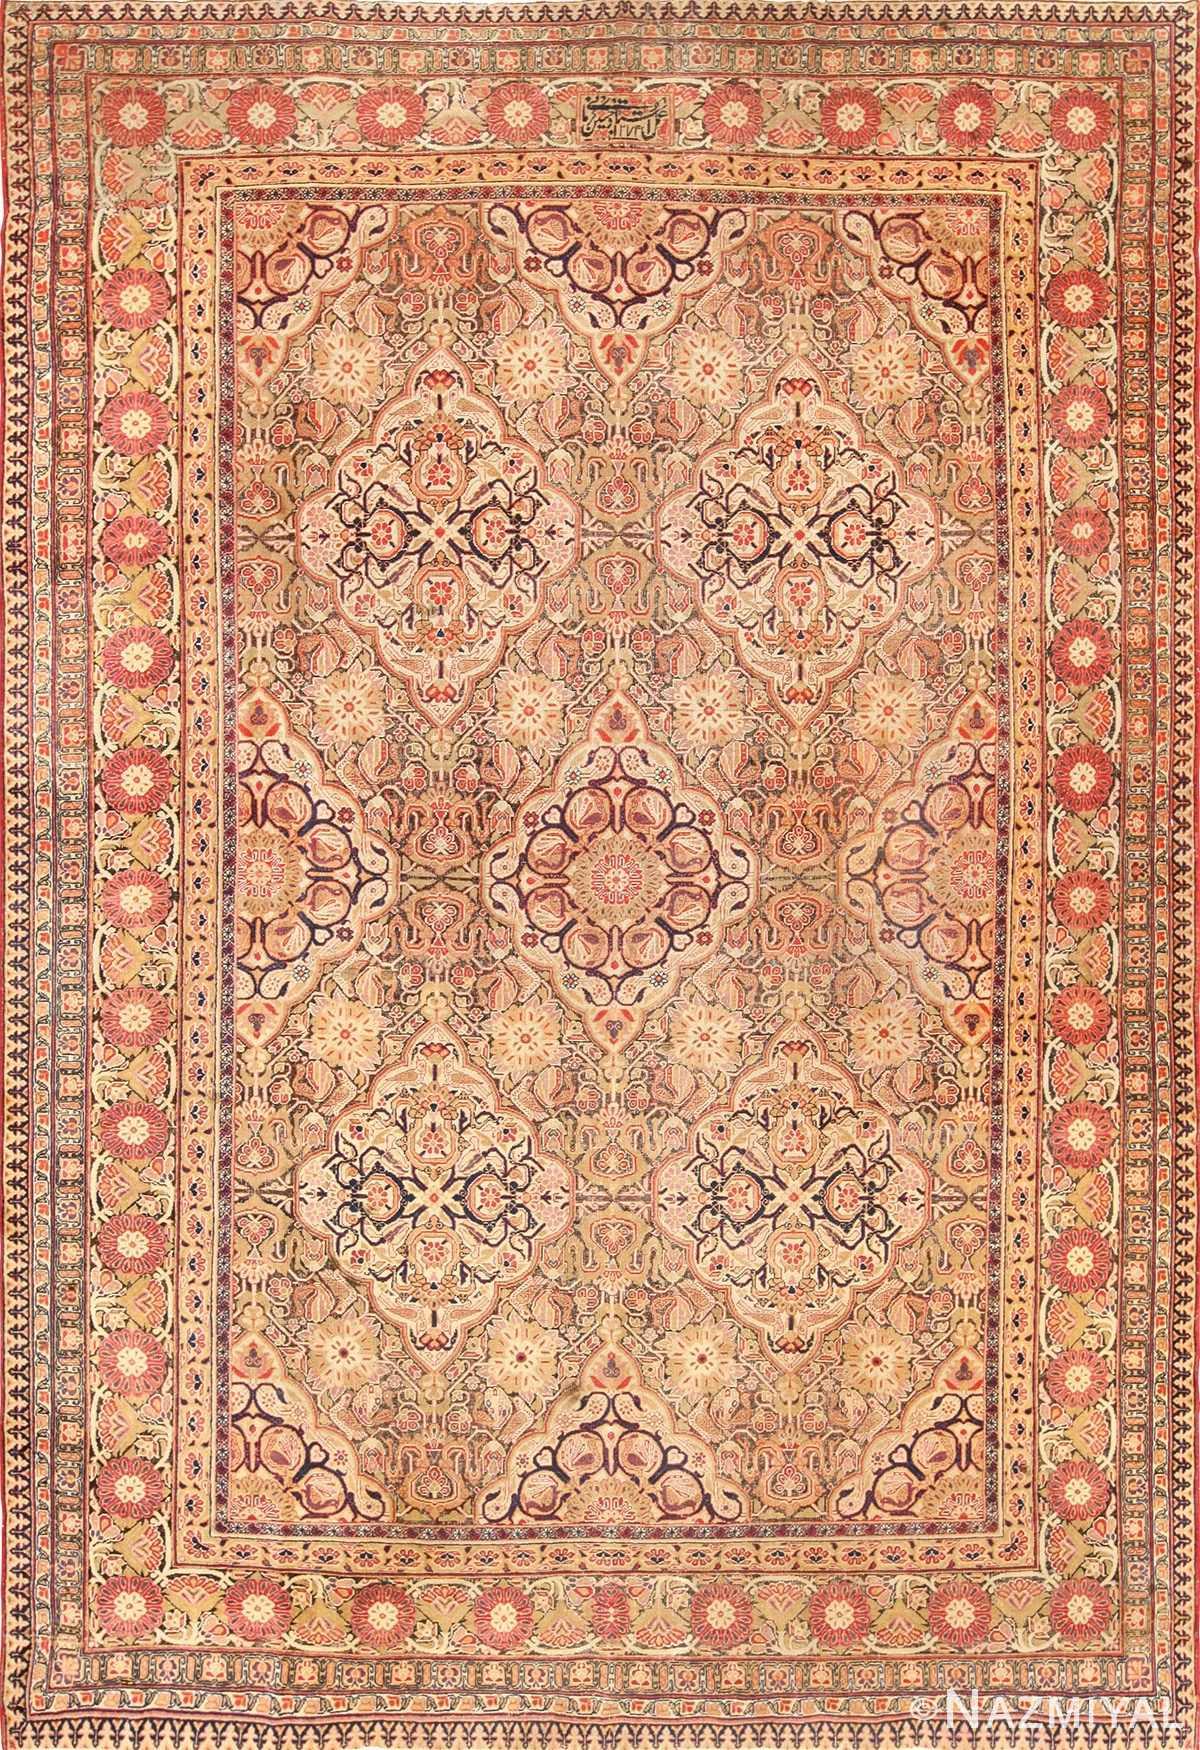 antique kerman persian rug 1195 nazmiyal edited Nazmiyal